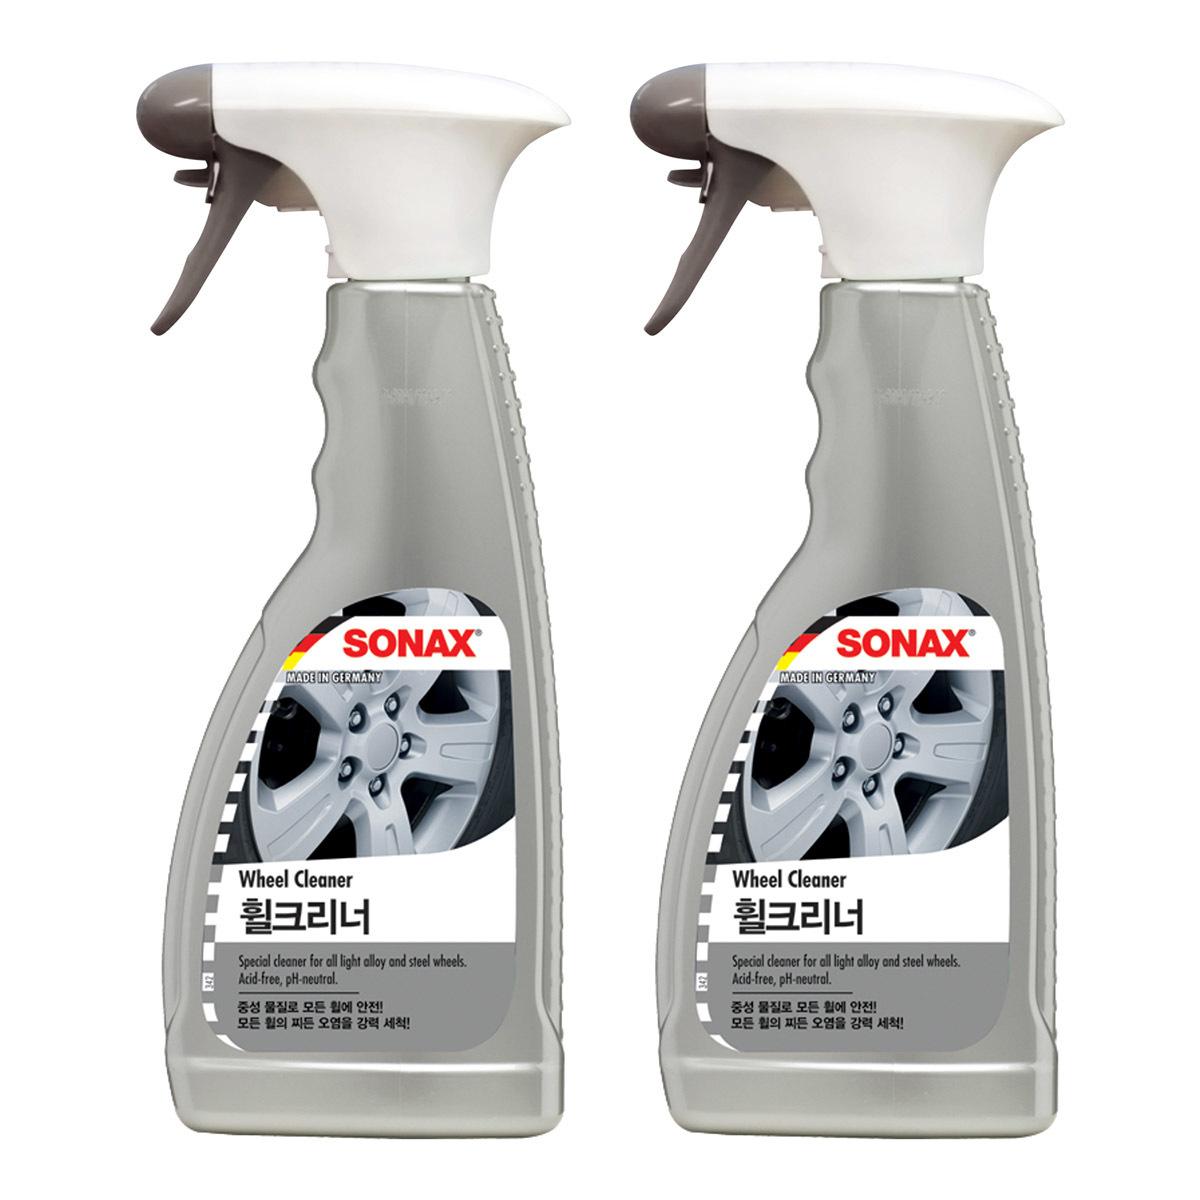 소낙스 휠 세정제 2개 Sonax Wheel Cleaner 2-Piece, 500ml (POP 33871)